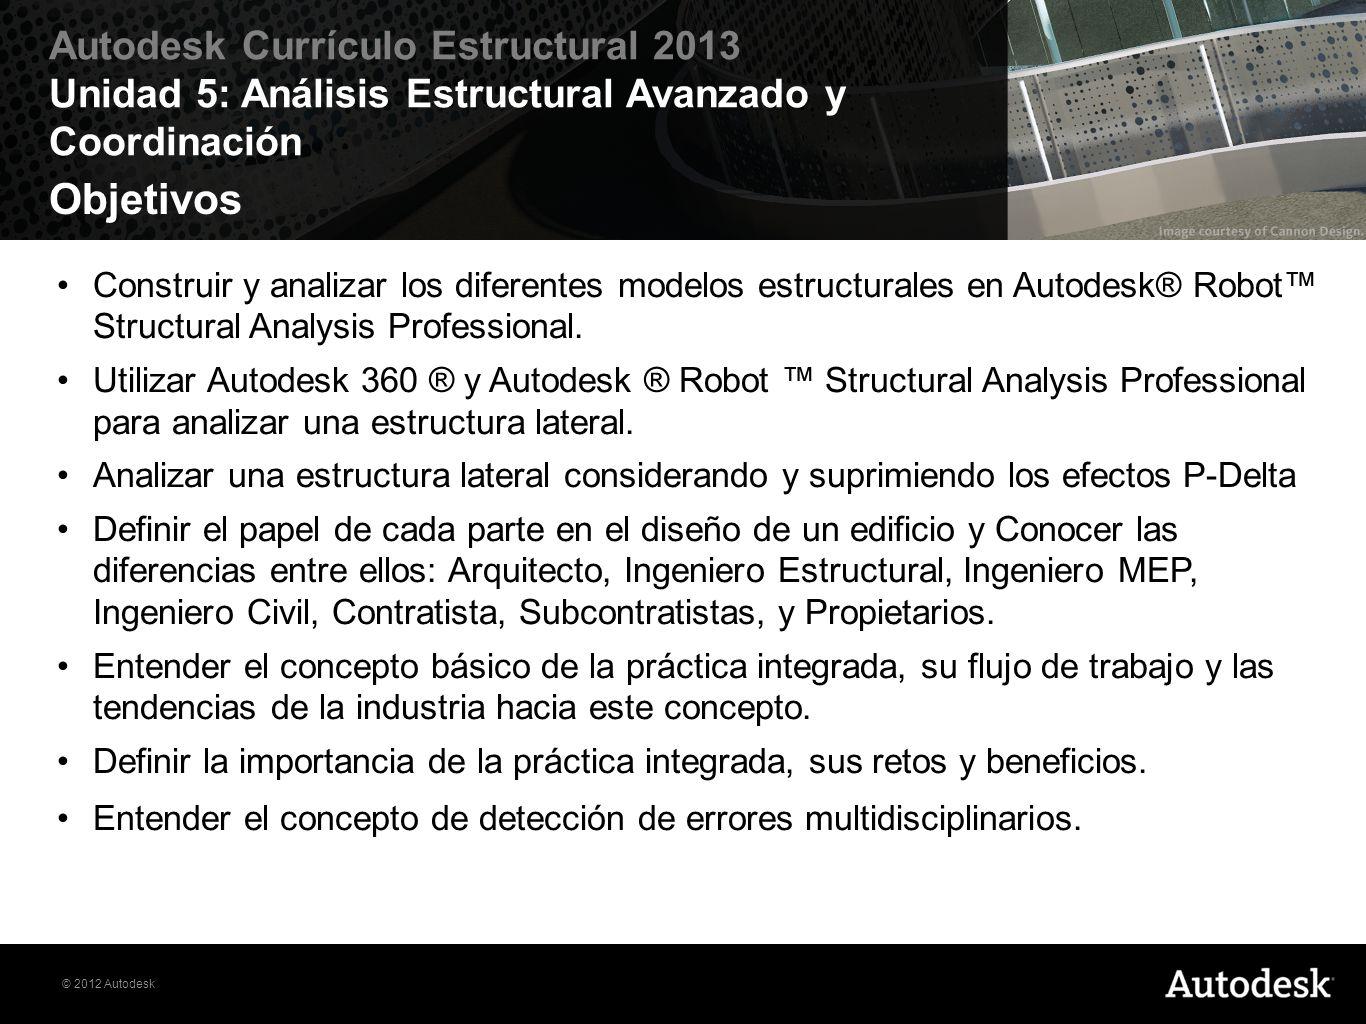 © 2012 Autodesk Autodesk Currículo Estructural 2013 Unidad 5: Análisis Estructural Avanzado y Coordinación Ejercicios Estos son los ejercicios de práctica: Ejercicio 5.1: Coordinación en Revit 3D Ejercicio 5.2: Coordinación en Navisworks Ejercicio 5.3: Análisis de marco lateral y Autodesk 360Structural Analysis Ejercicio 5.4: Análisis de marco P-delta